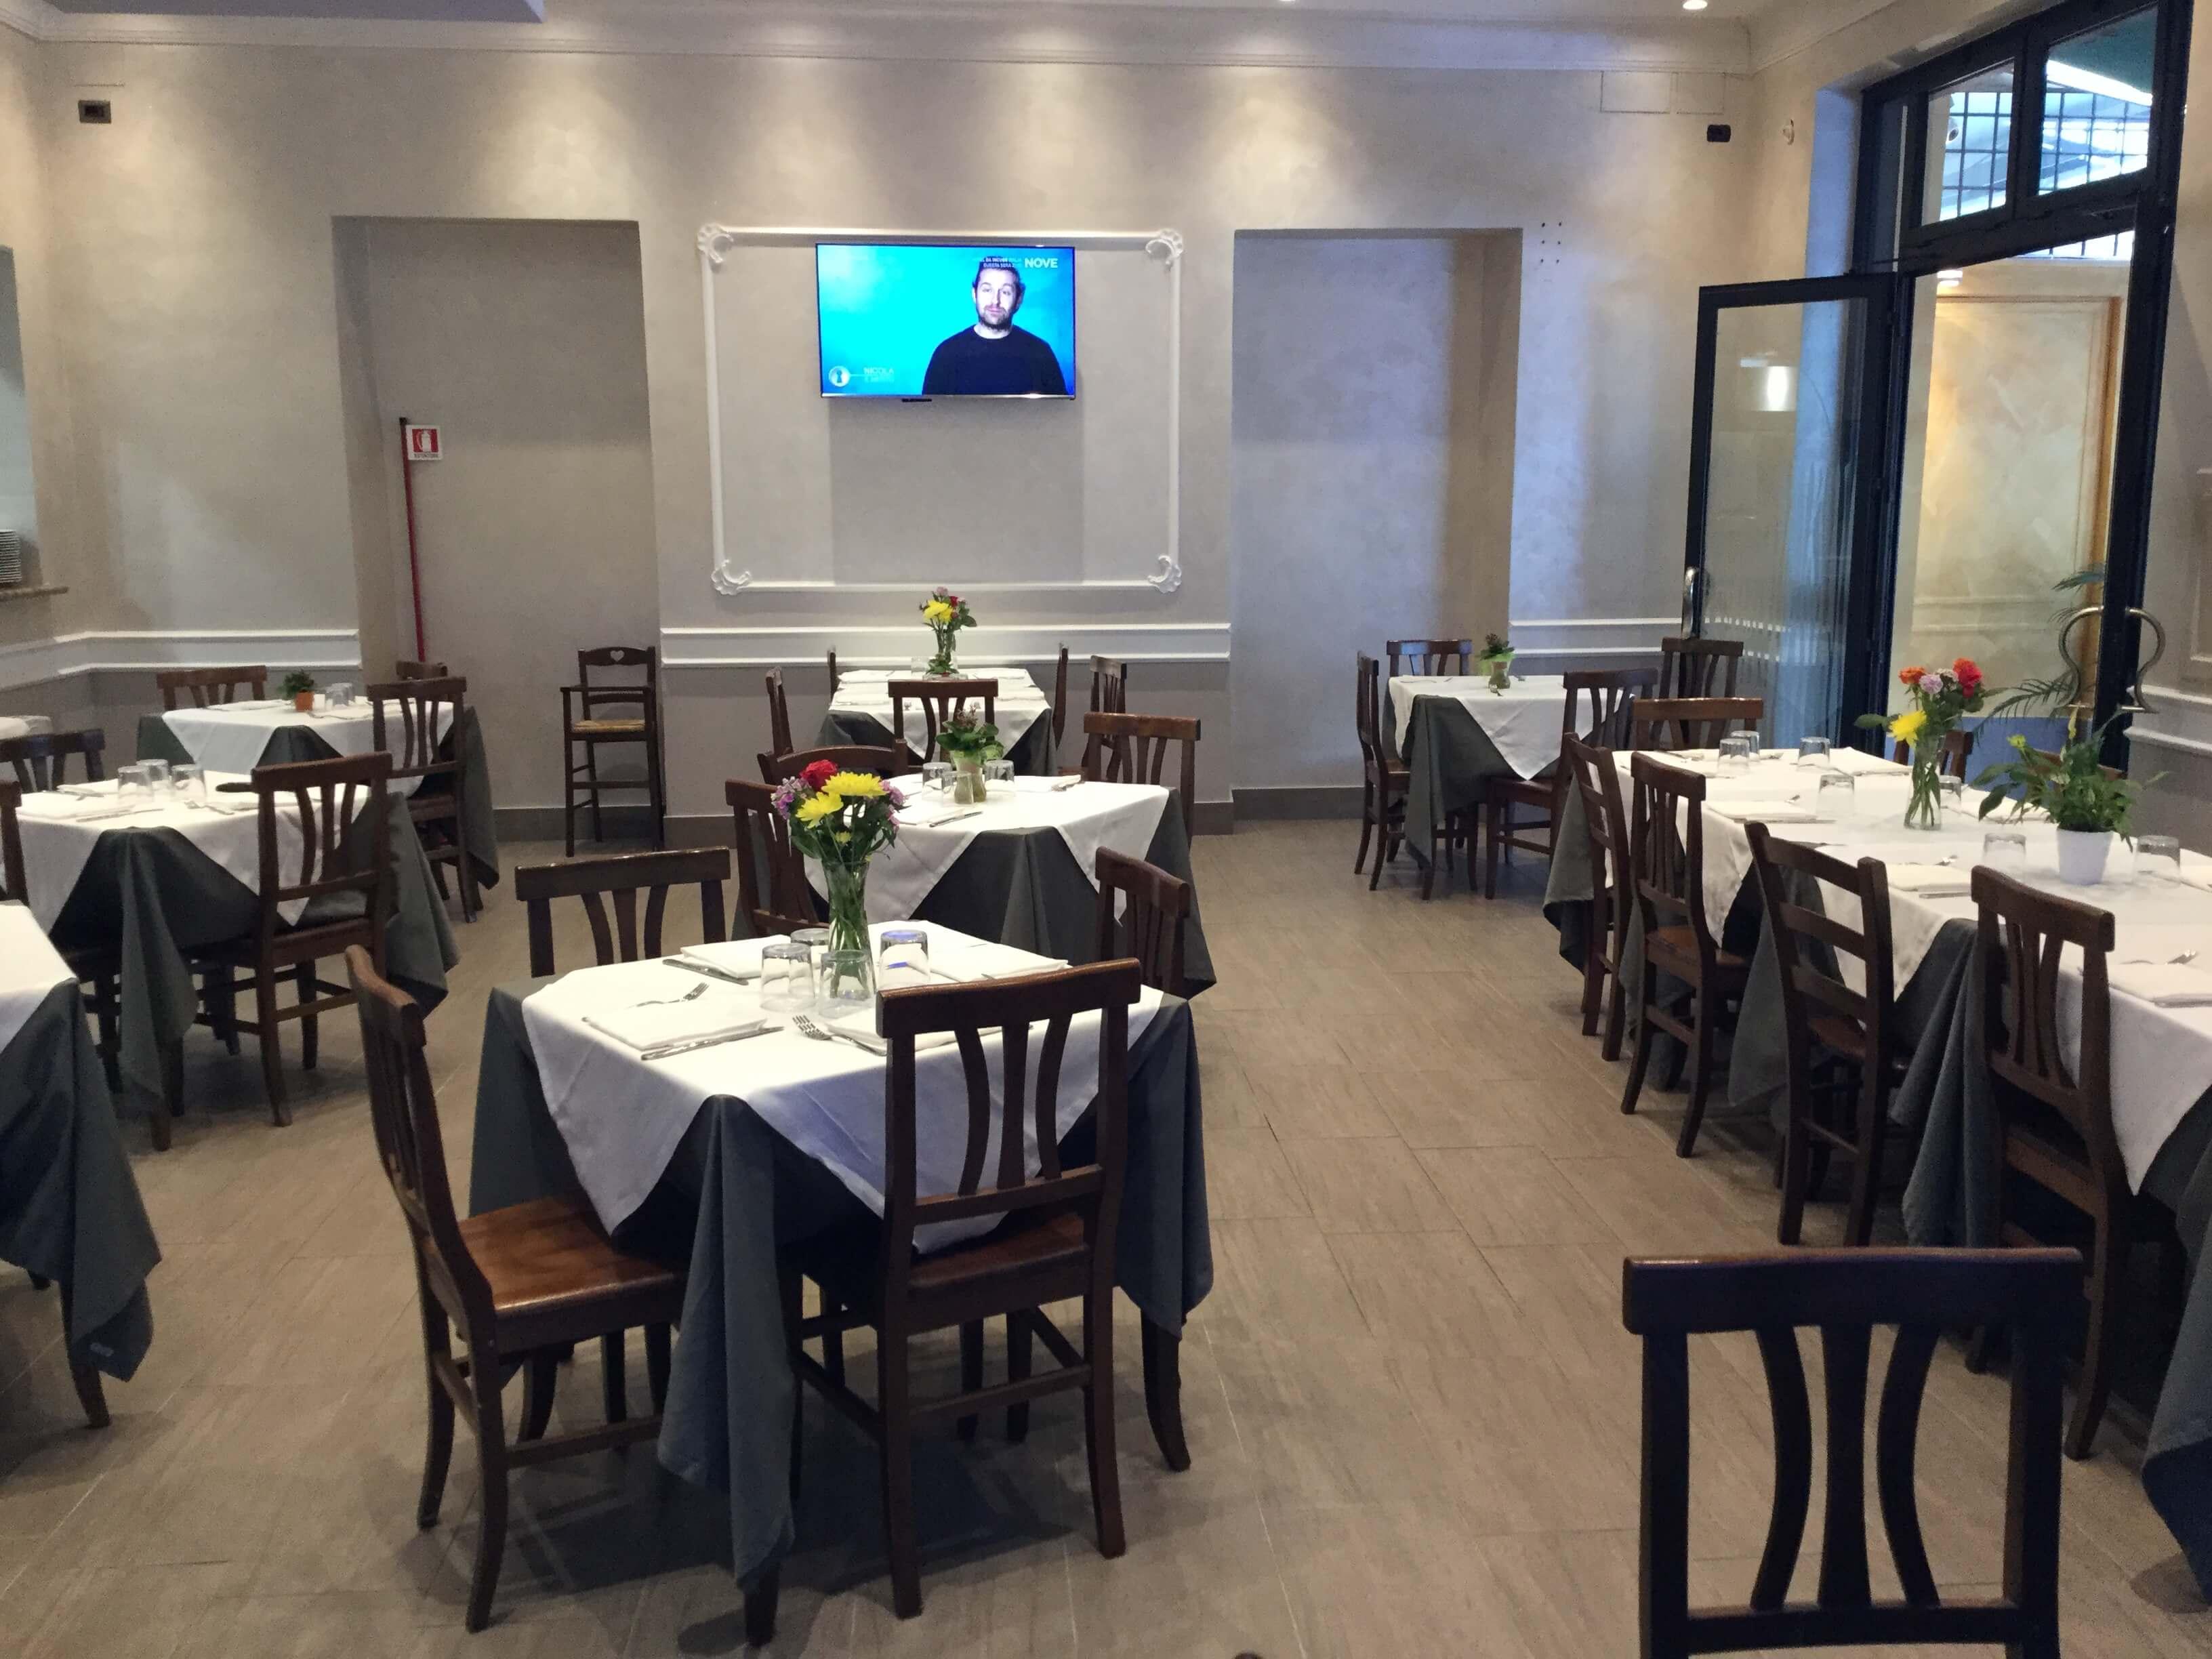 sala ristorante interna con tv